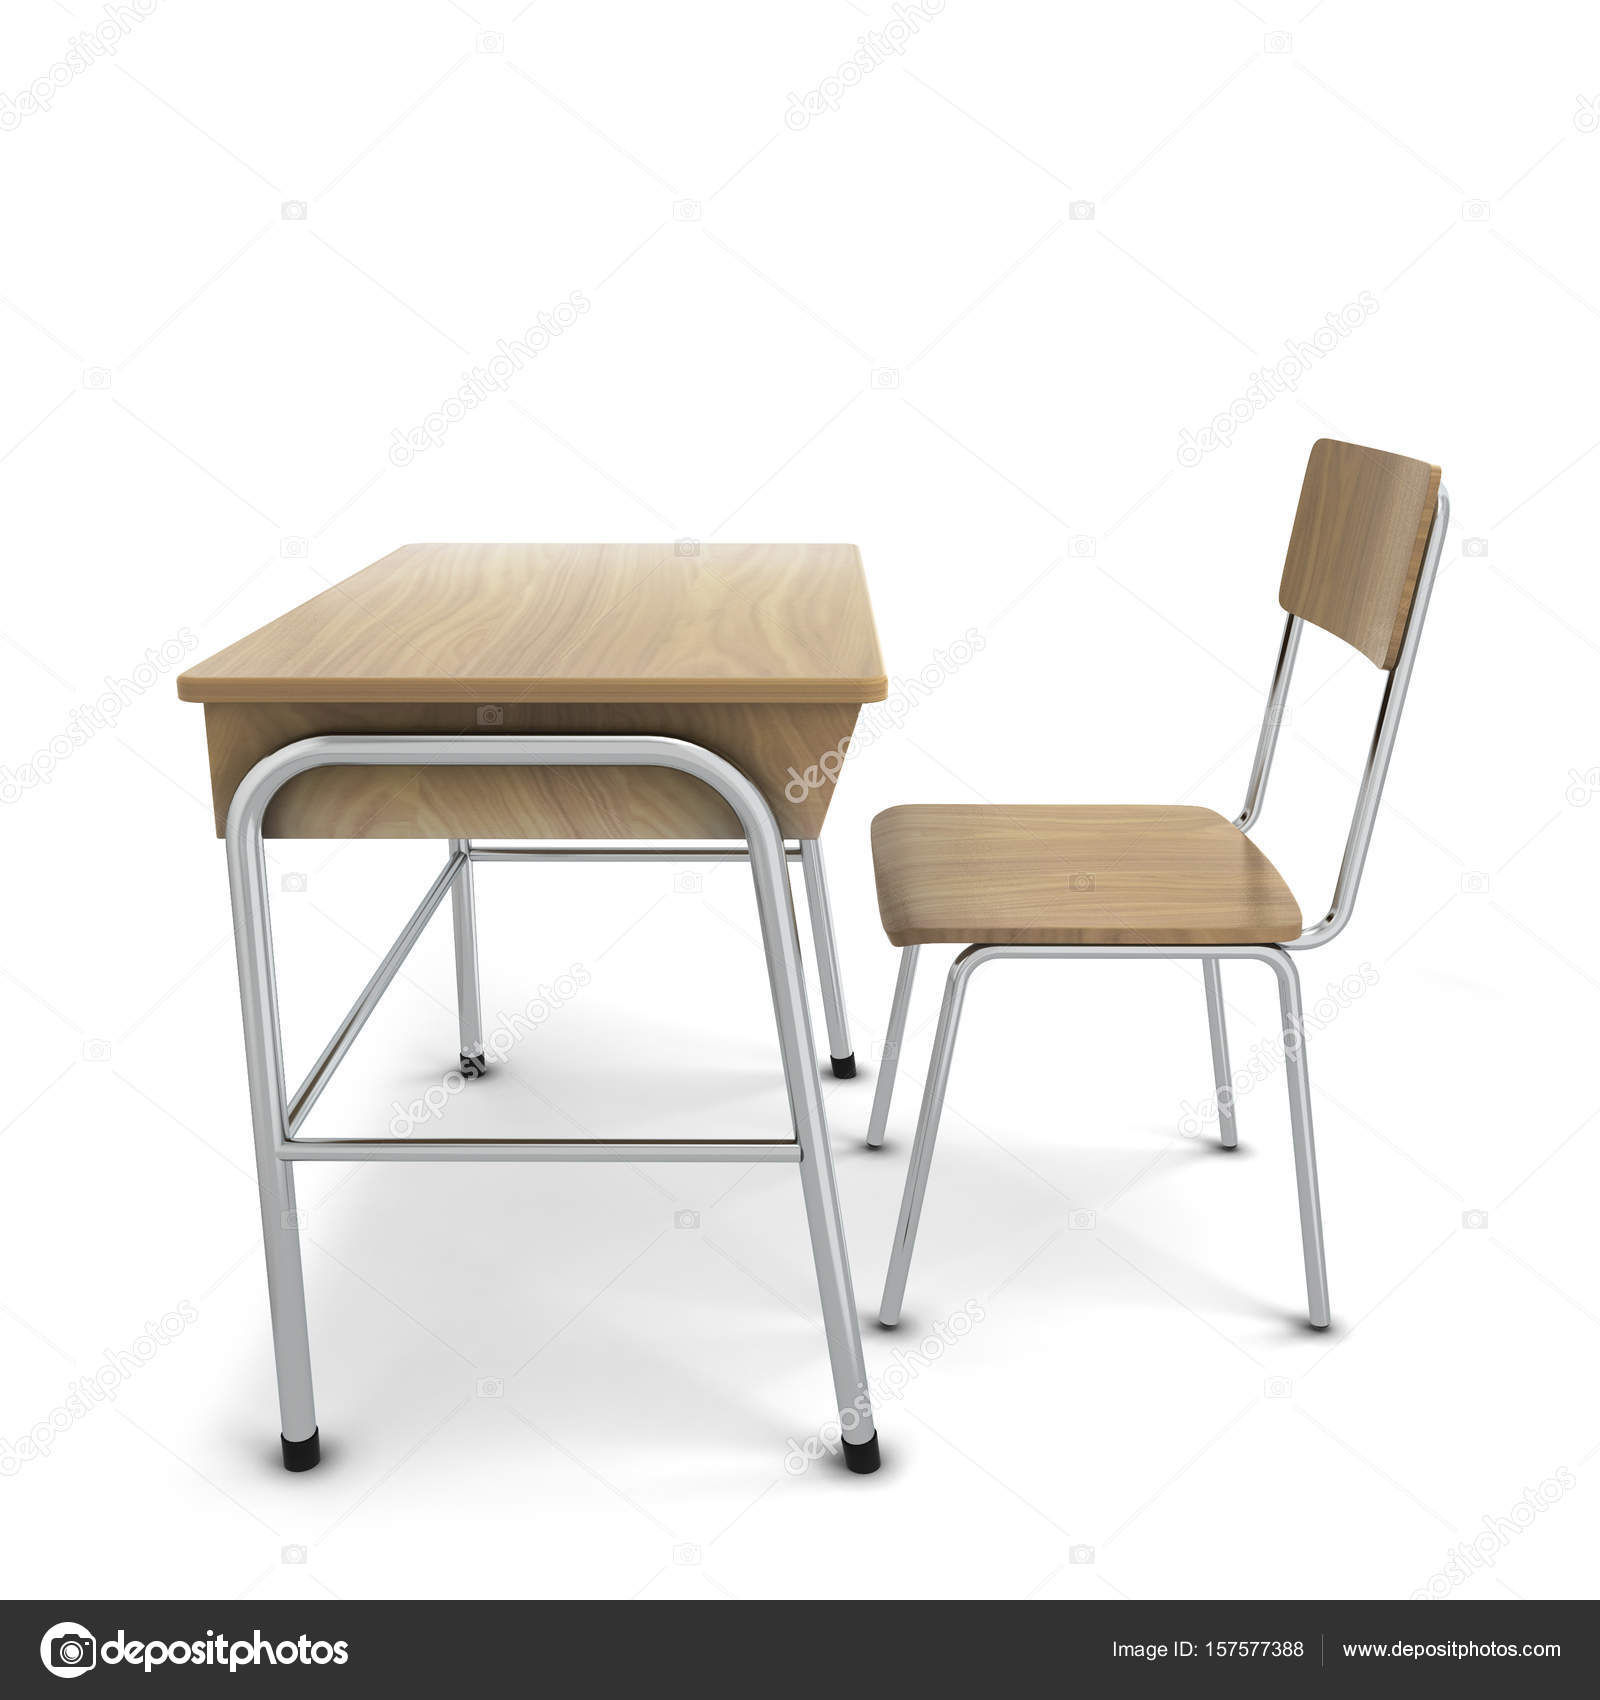 Schule Schreibtisch Mit Stuhl Stockfoto Montego 157577388